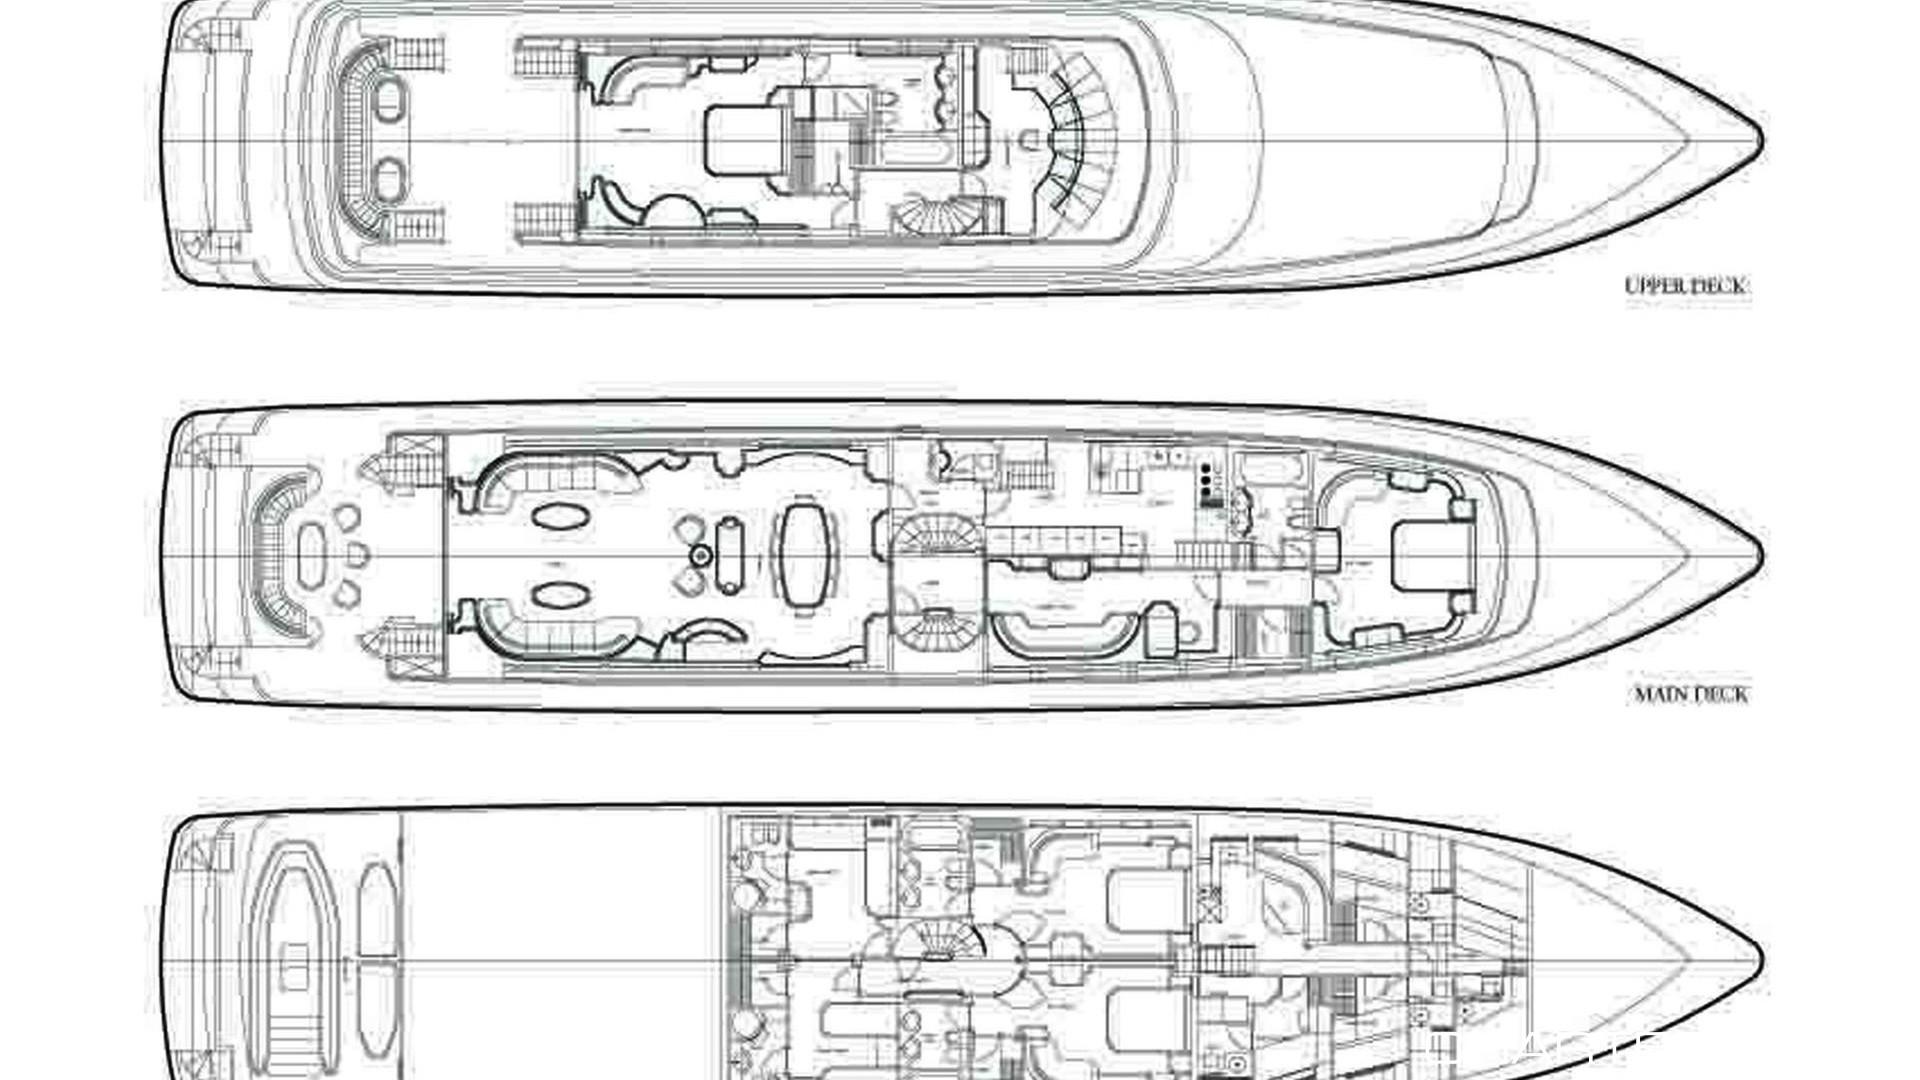 Intermarine 138